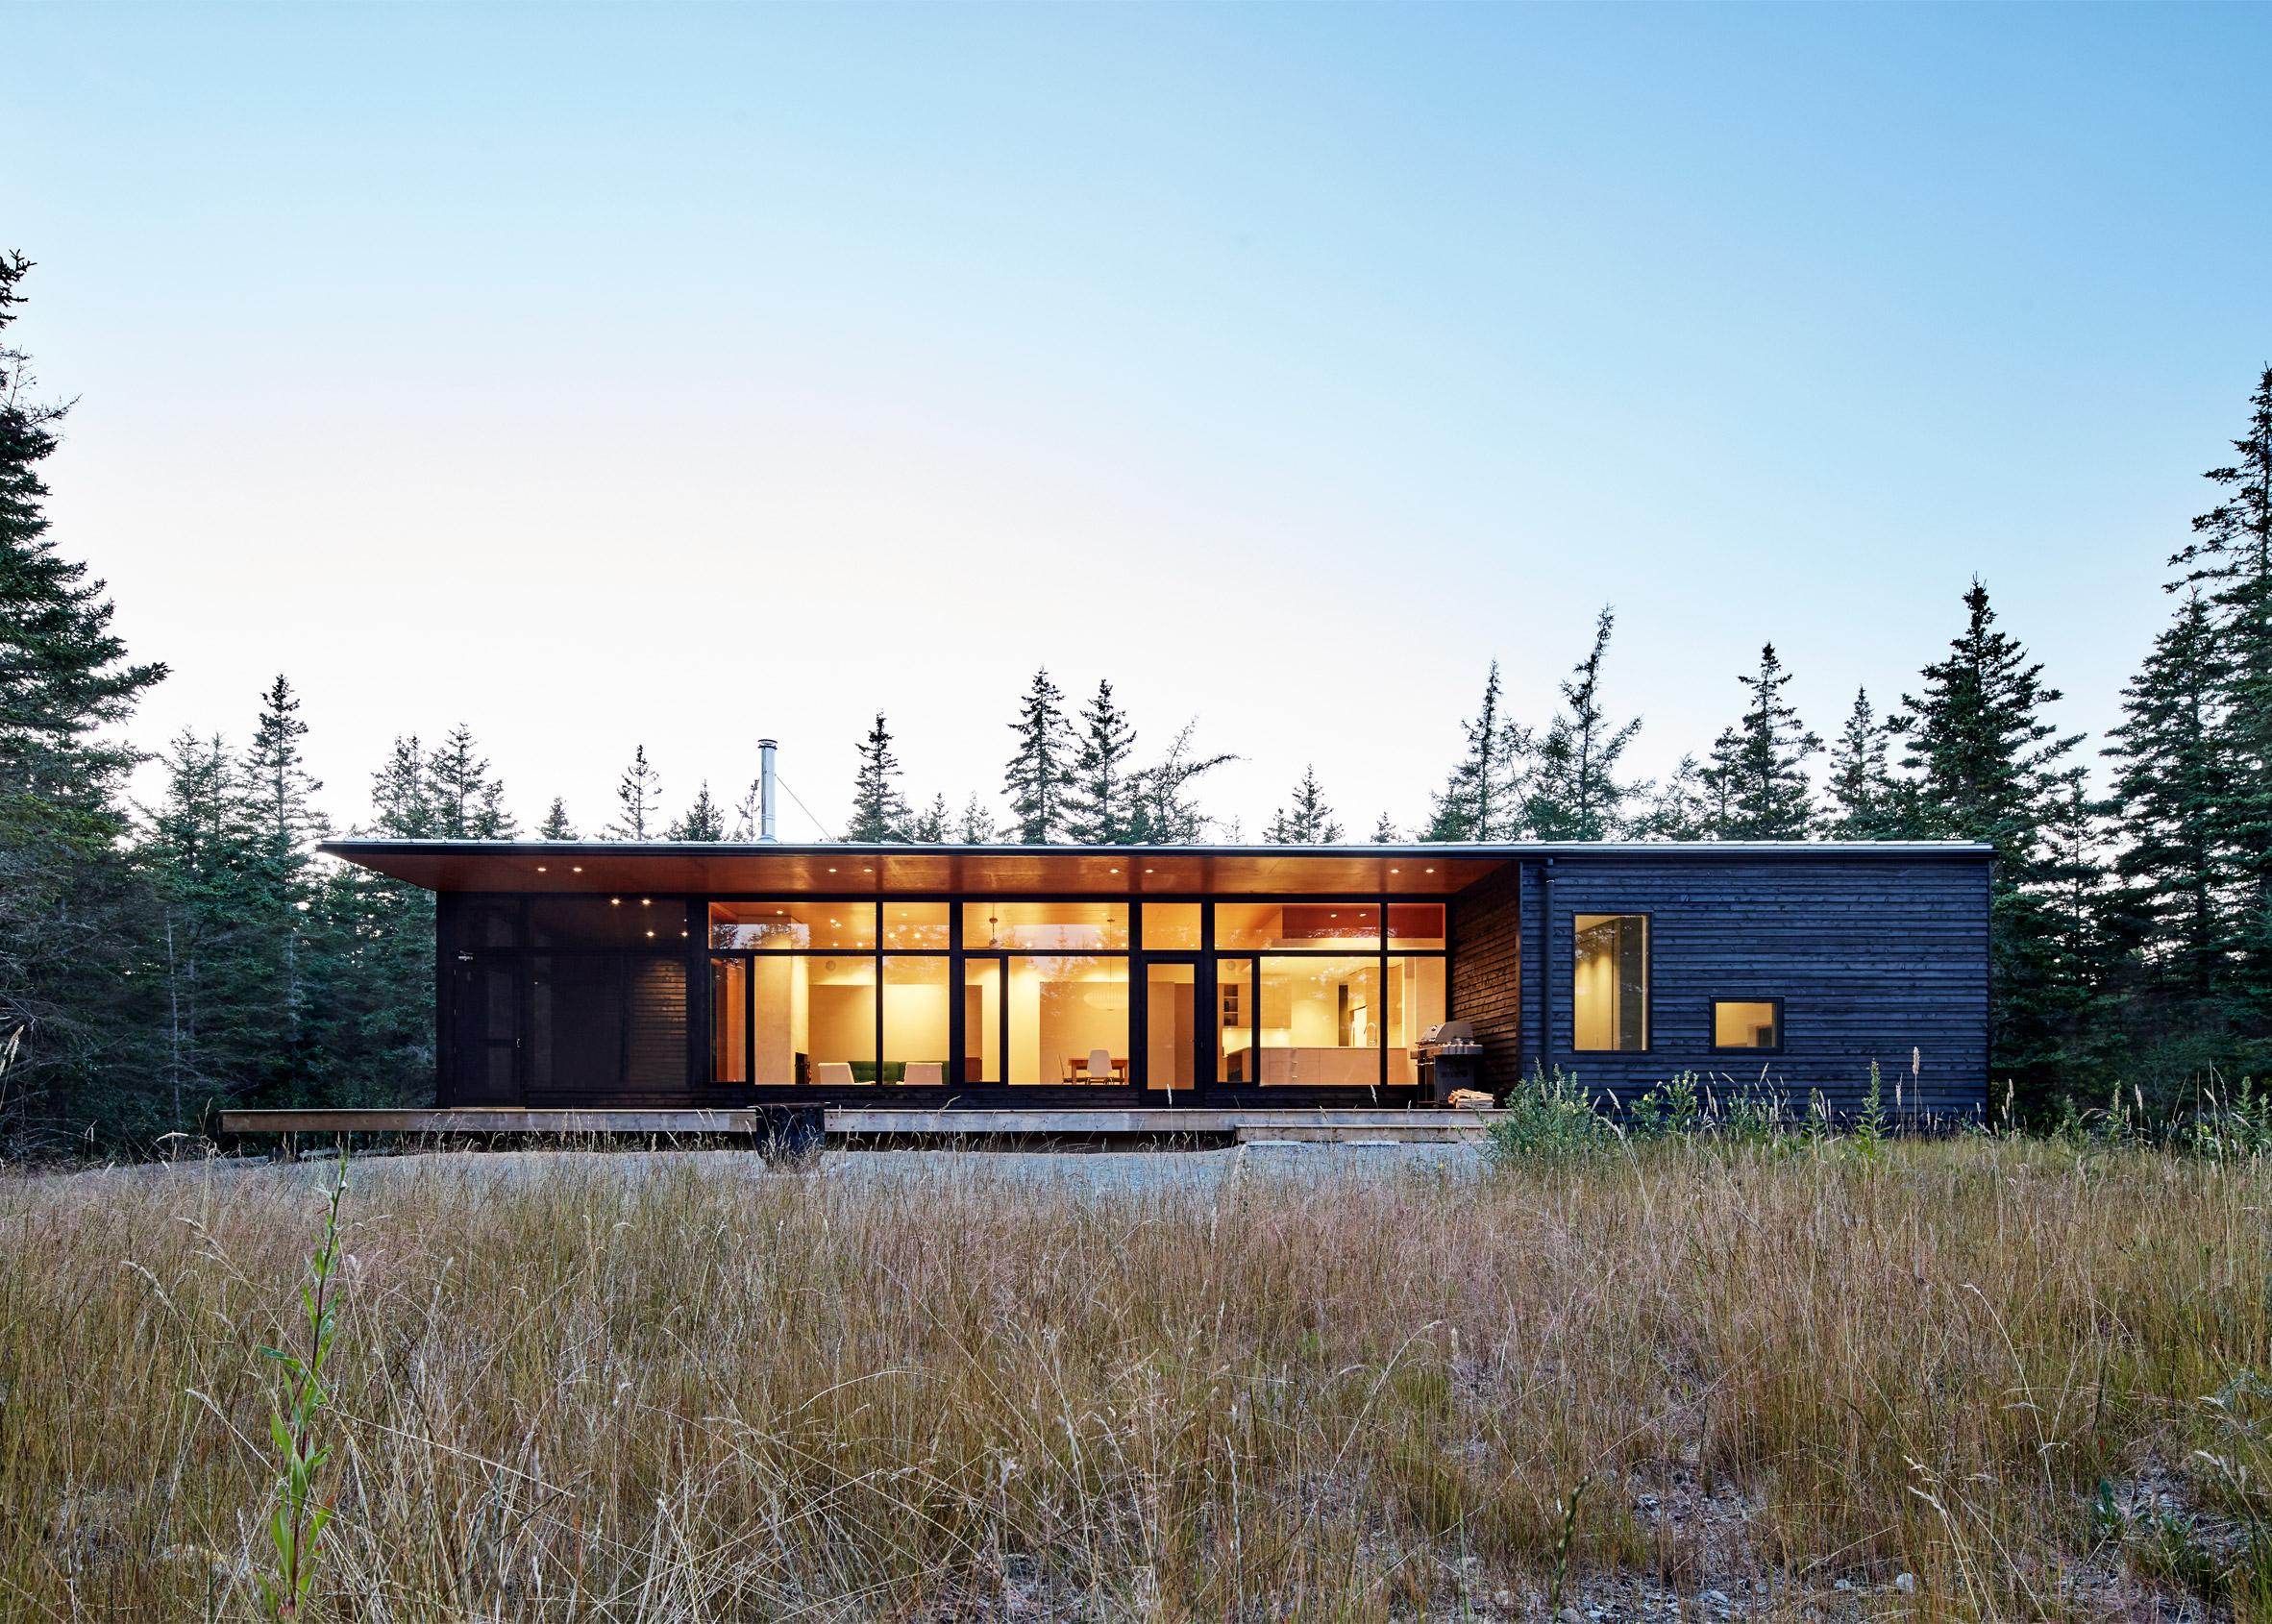 Lockeport Beach House by Nova Tayona Architects